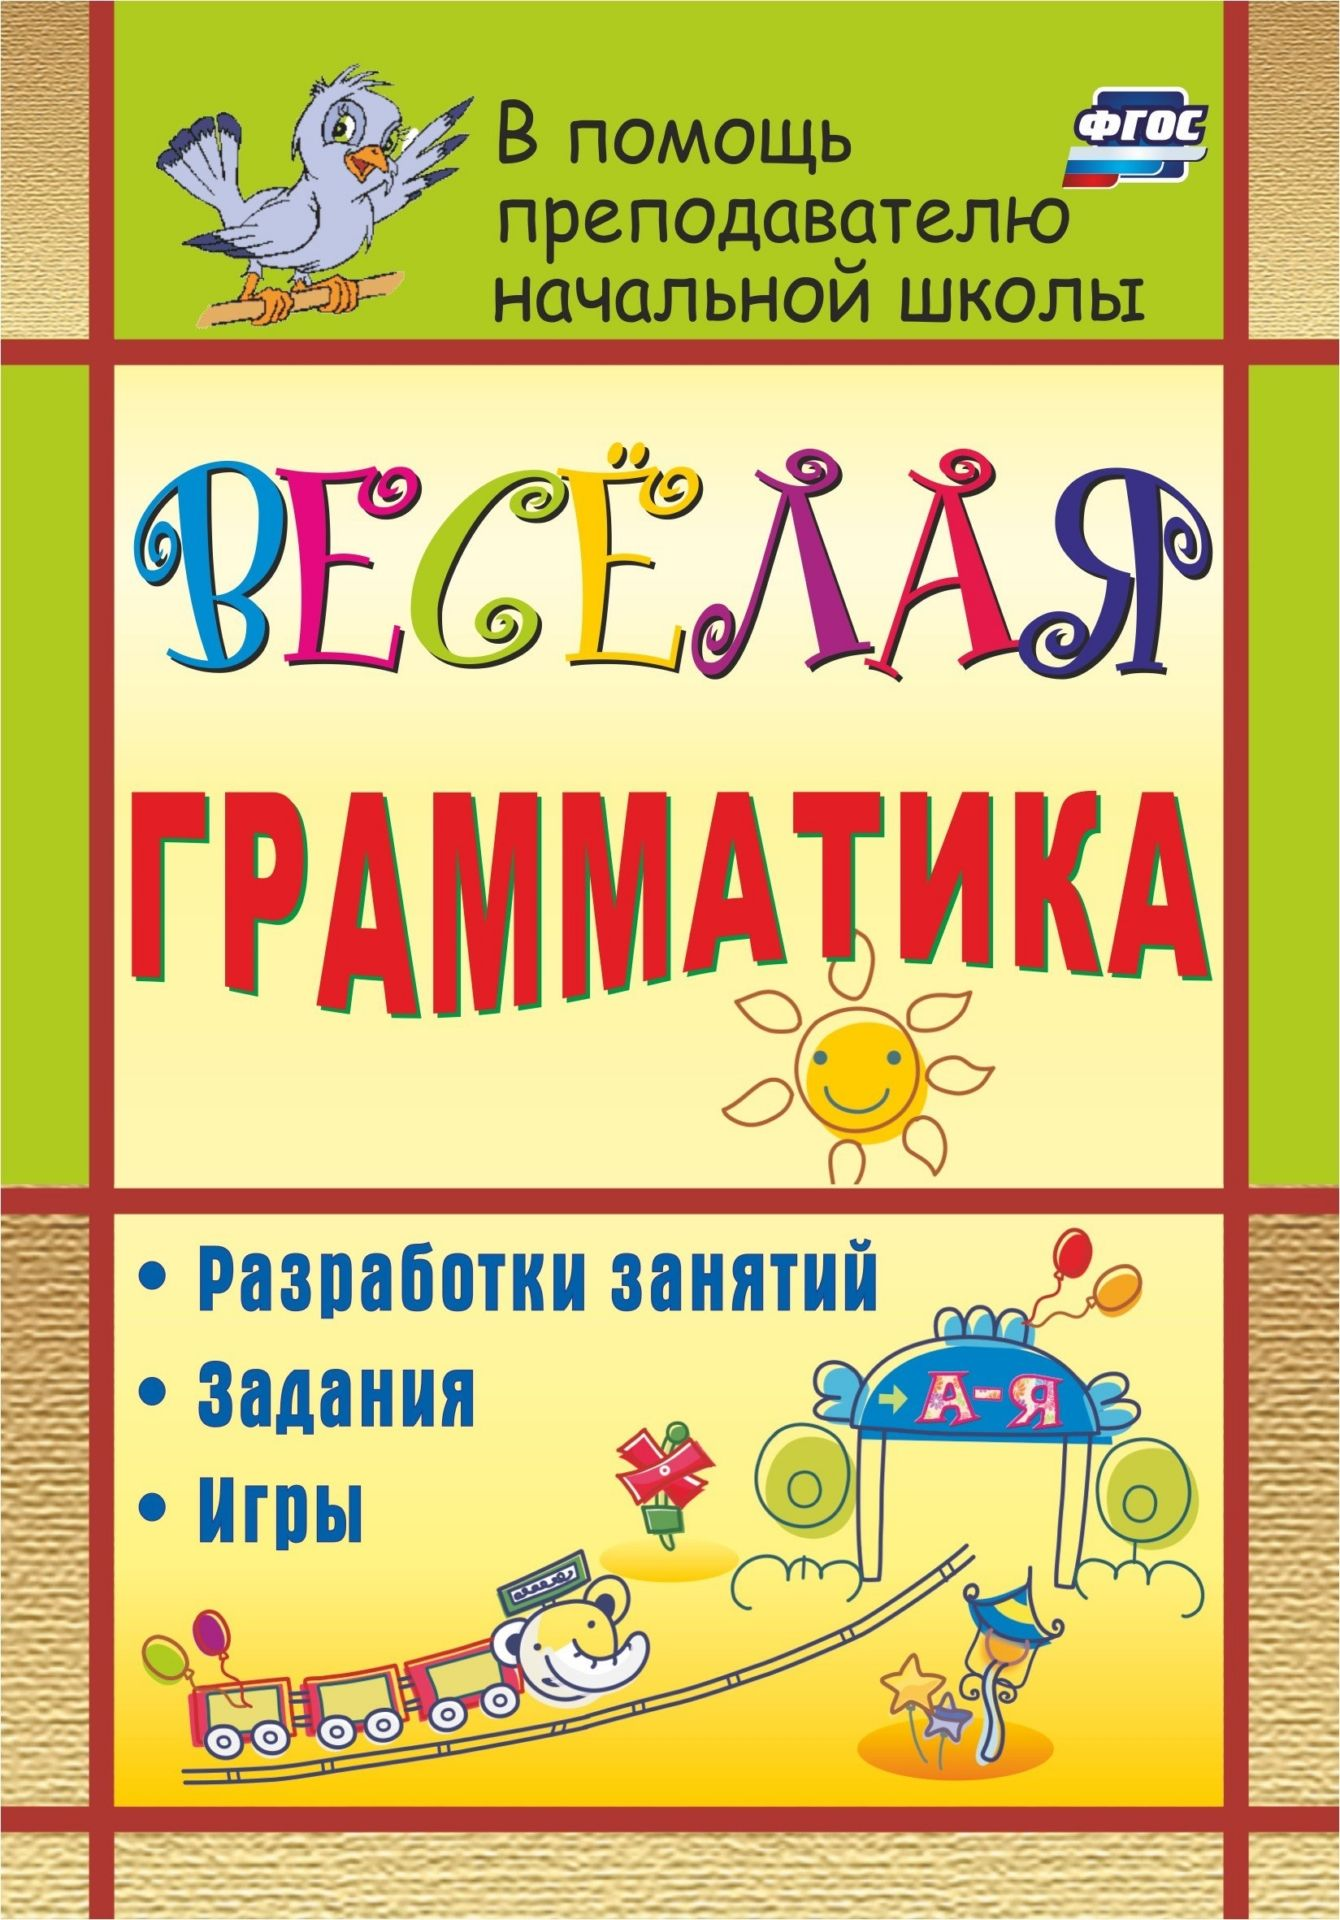 Веселая грамматика: разработки занятий, задания, игры